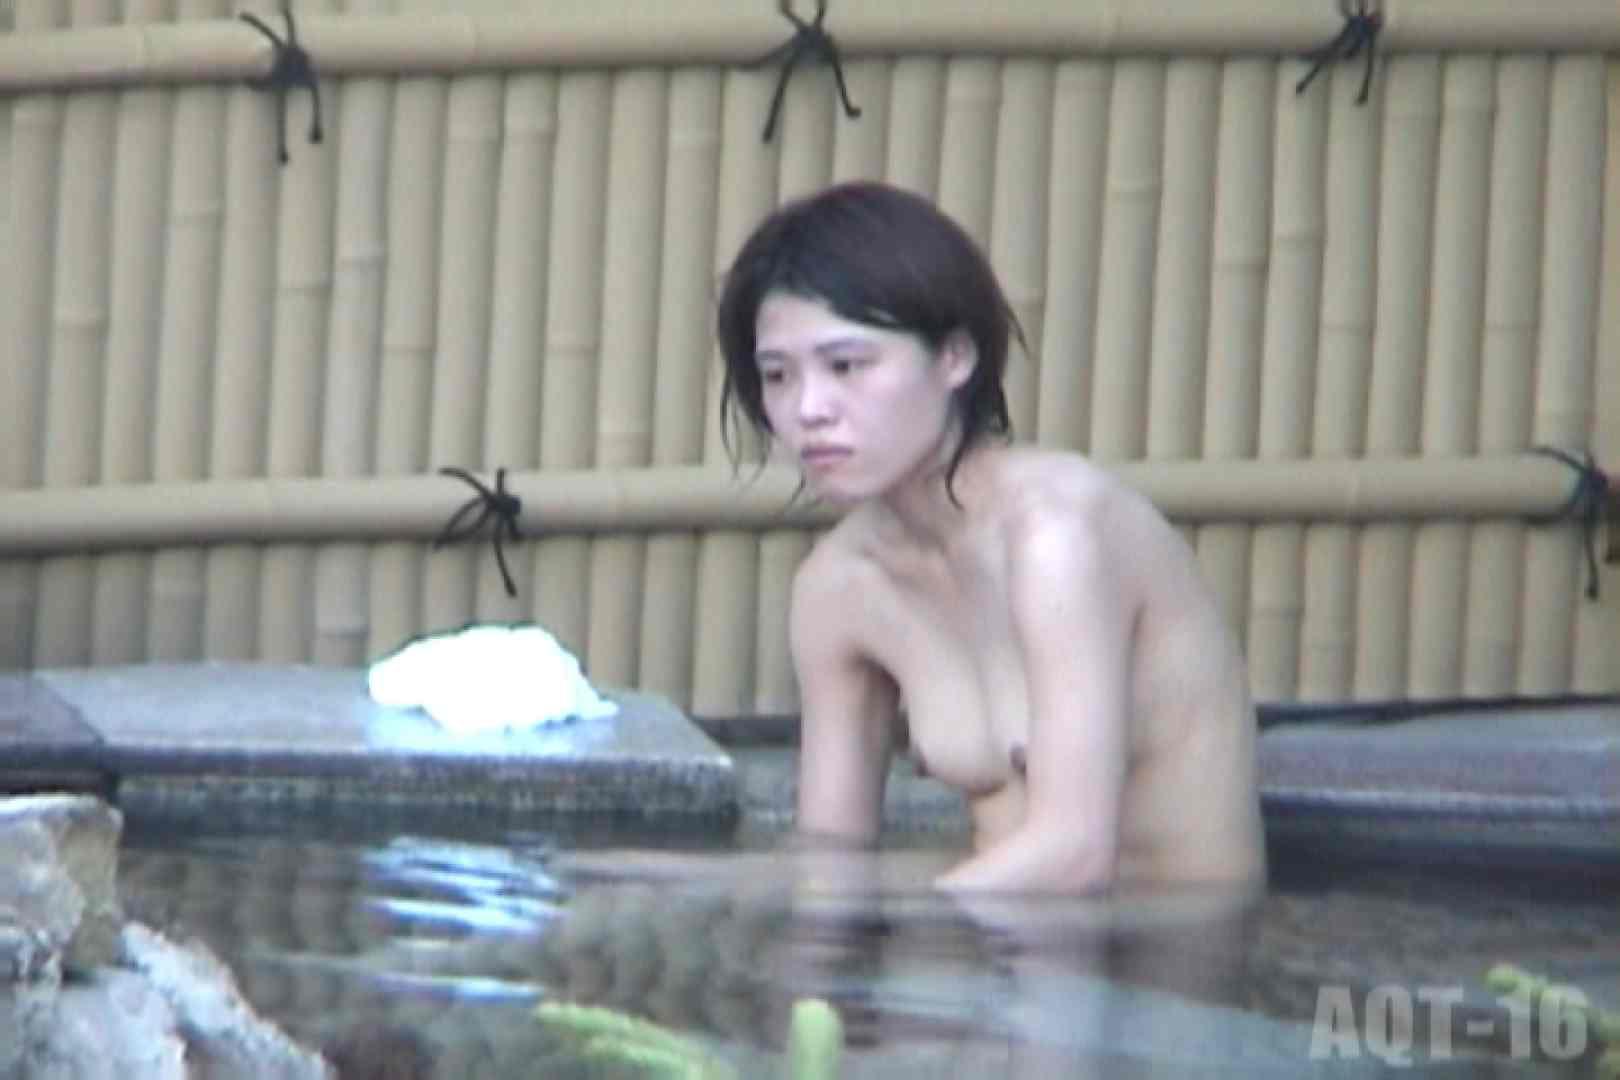 Aquaな露天風呂Vol.843 露天   盗撮特集  83画像 33